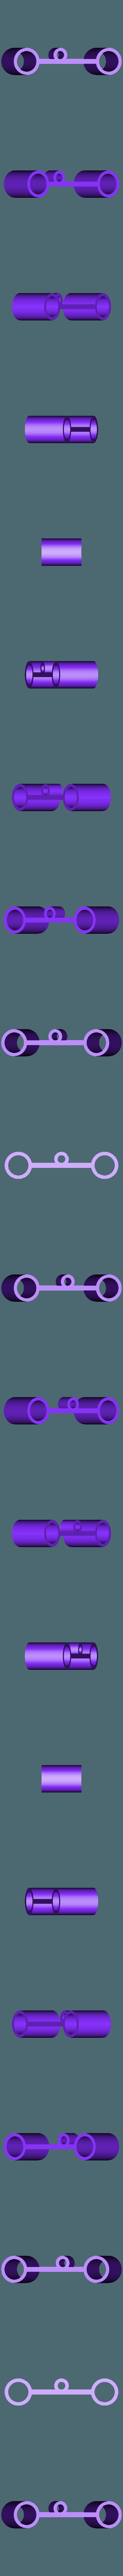 Luminaria_suporte_dos_fios.stl Download free STL file Luminária de parede • Object to 3D print, CircuitoMaker